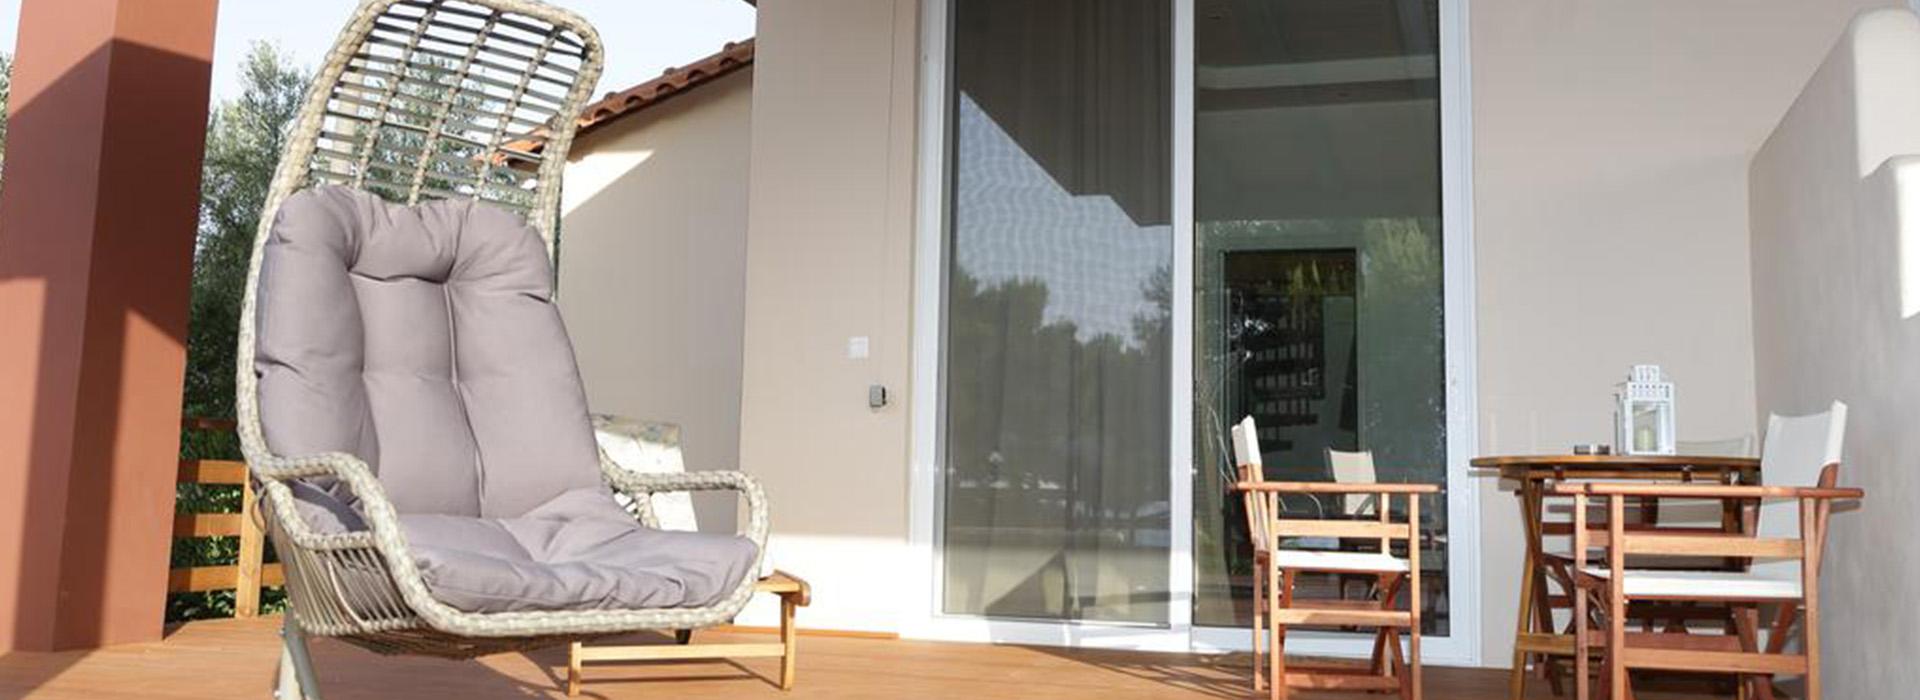 ξενοδοχεια ρωμανος, Το Κατάλυμα, www.suitesartemis.gr